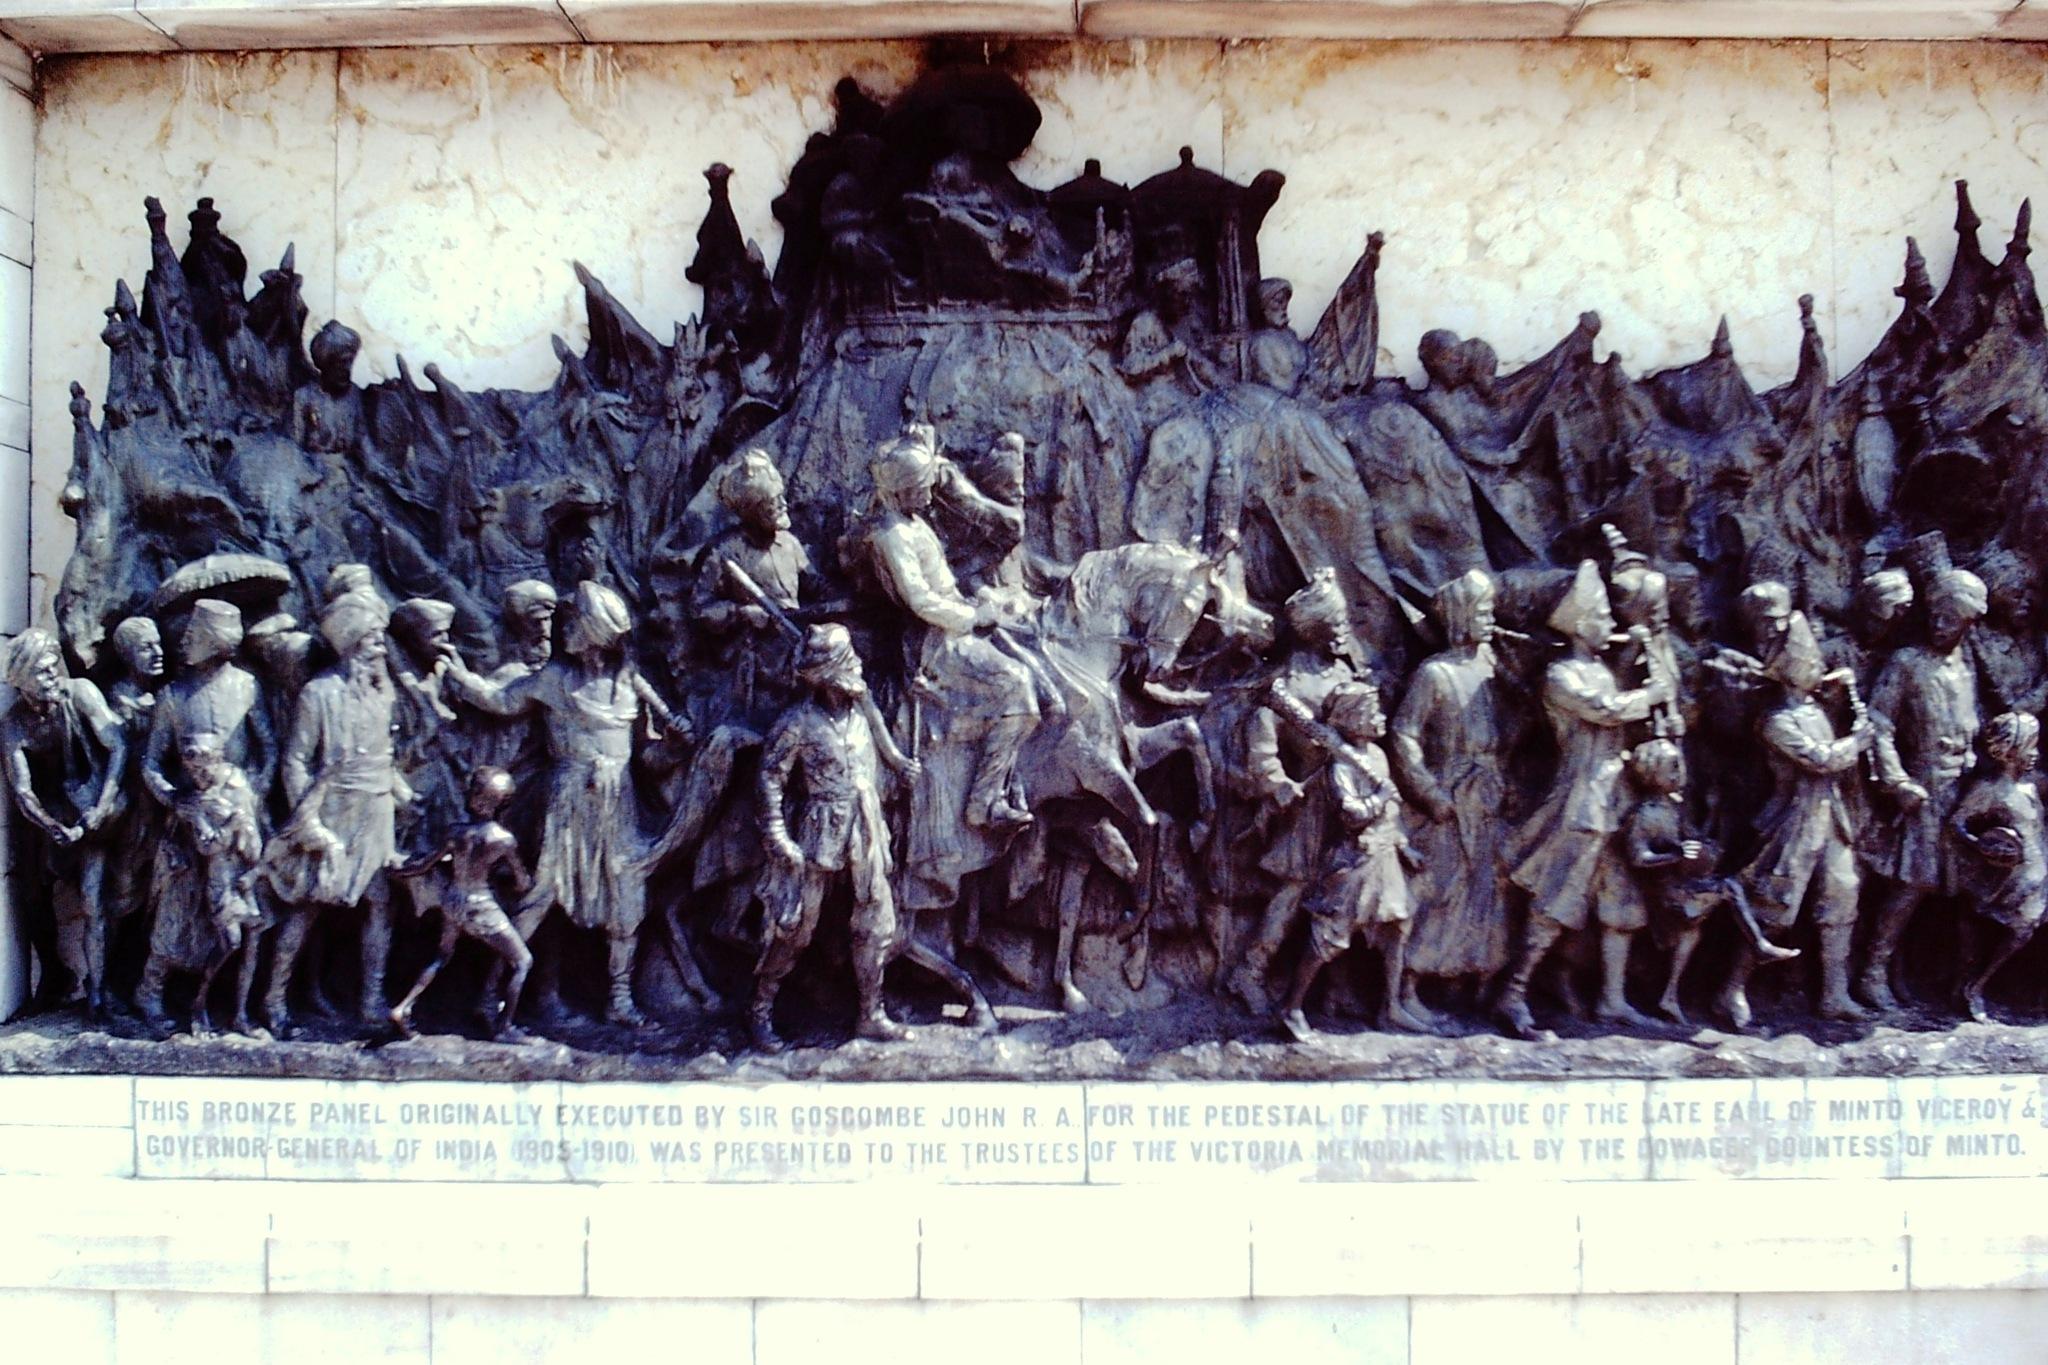 VICTORIA MEMORIAL, KOLKATA, INDIA, FULL SCREEN by Akin Saner